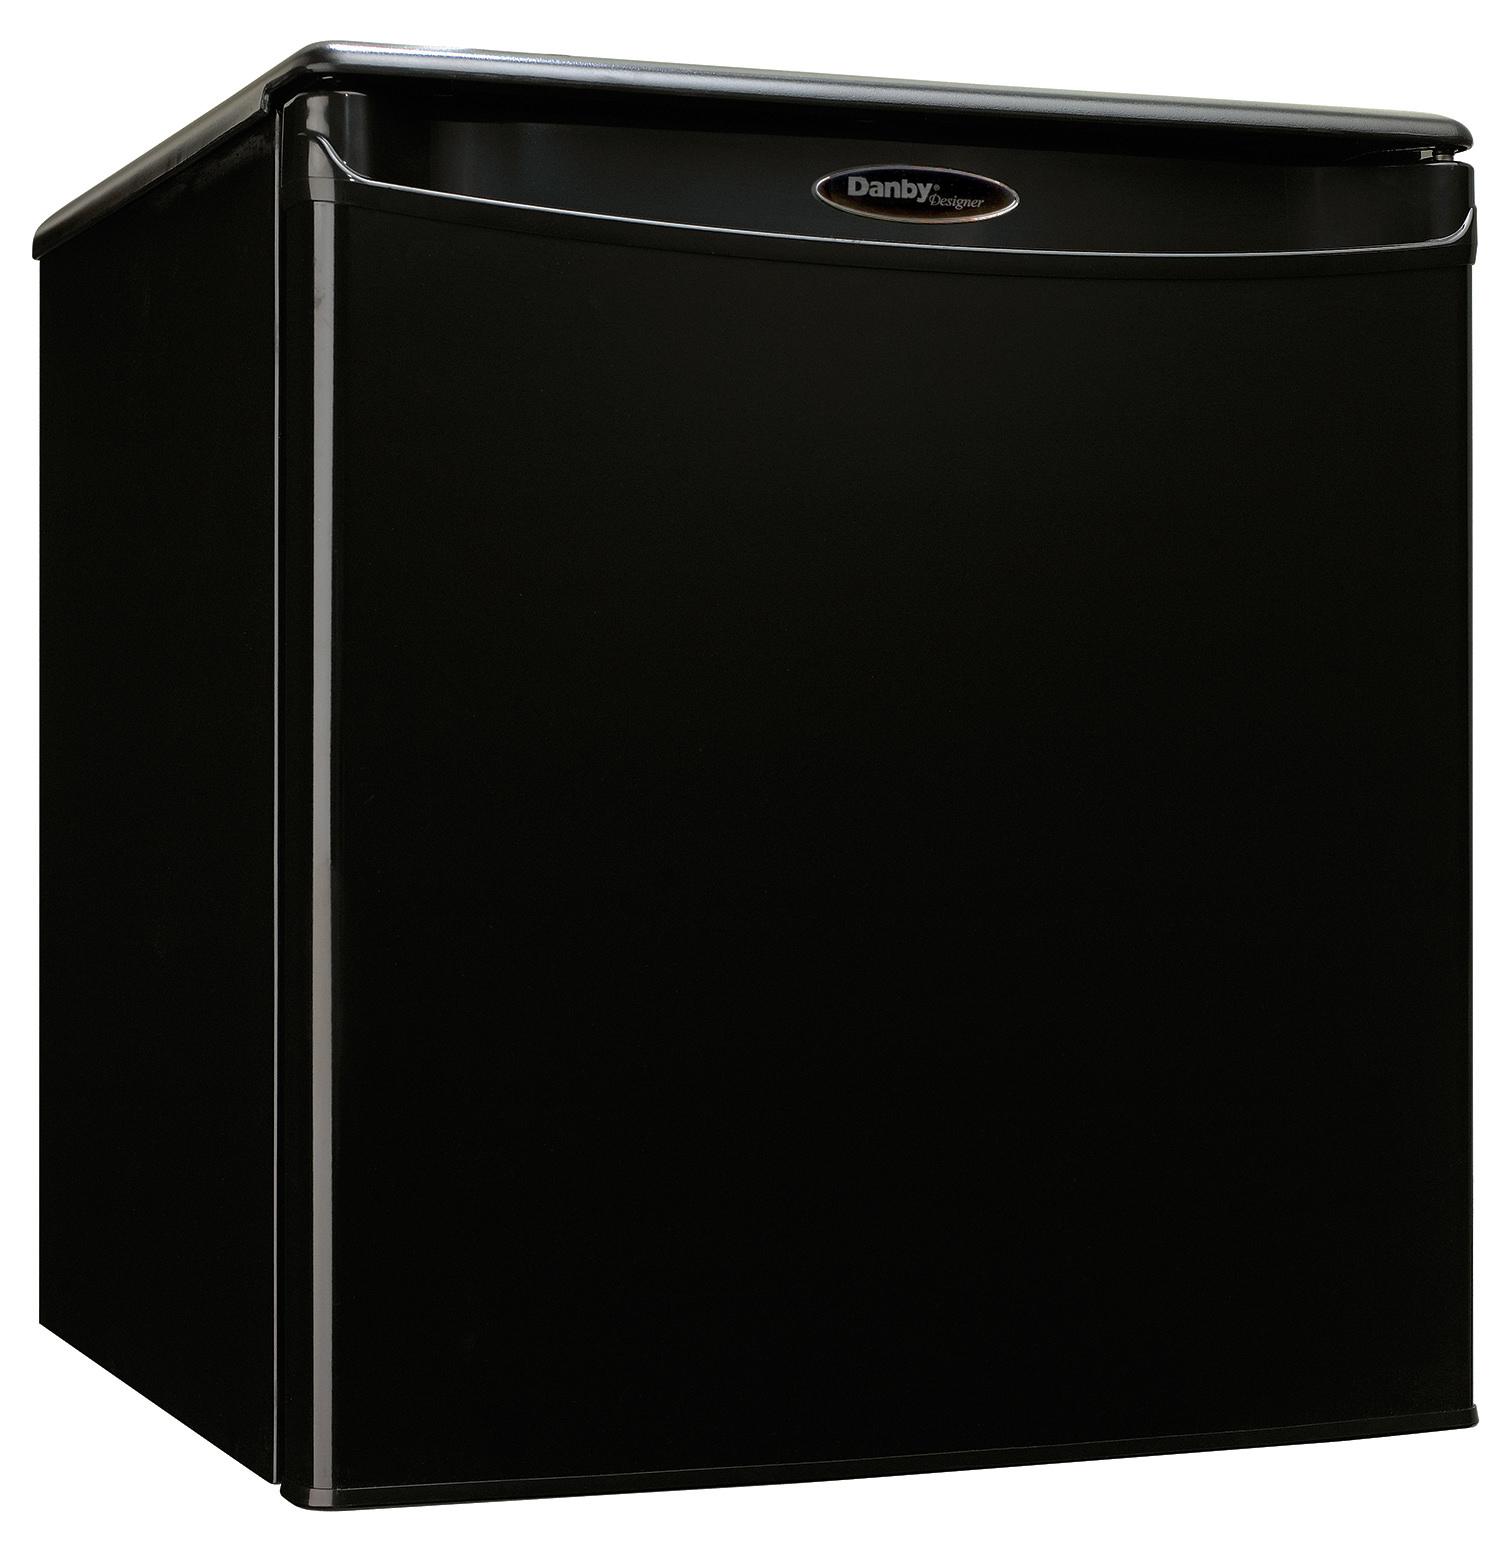 Danby Designer 1.7 Cu Ft Mini All-Refrigerator DAR017A2BDD-3, Black